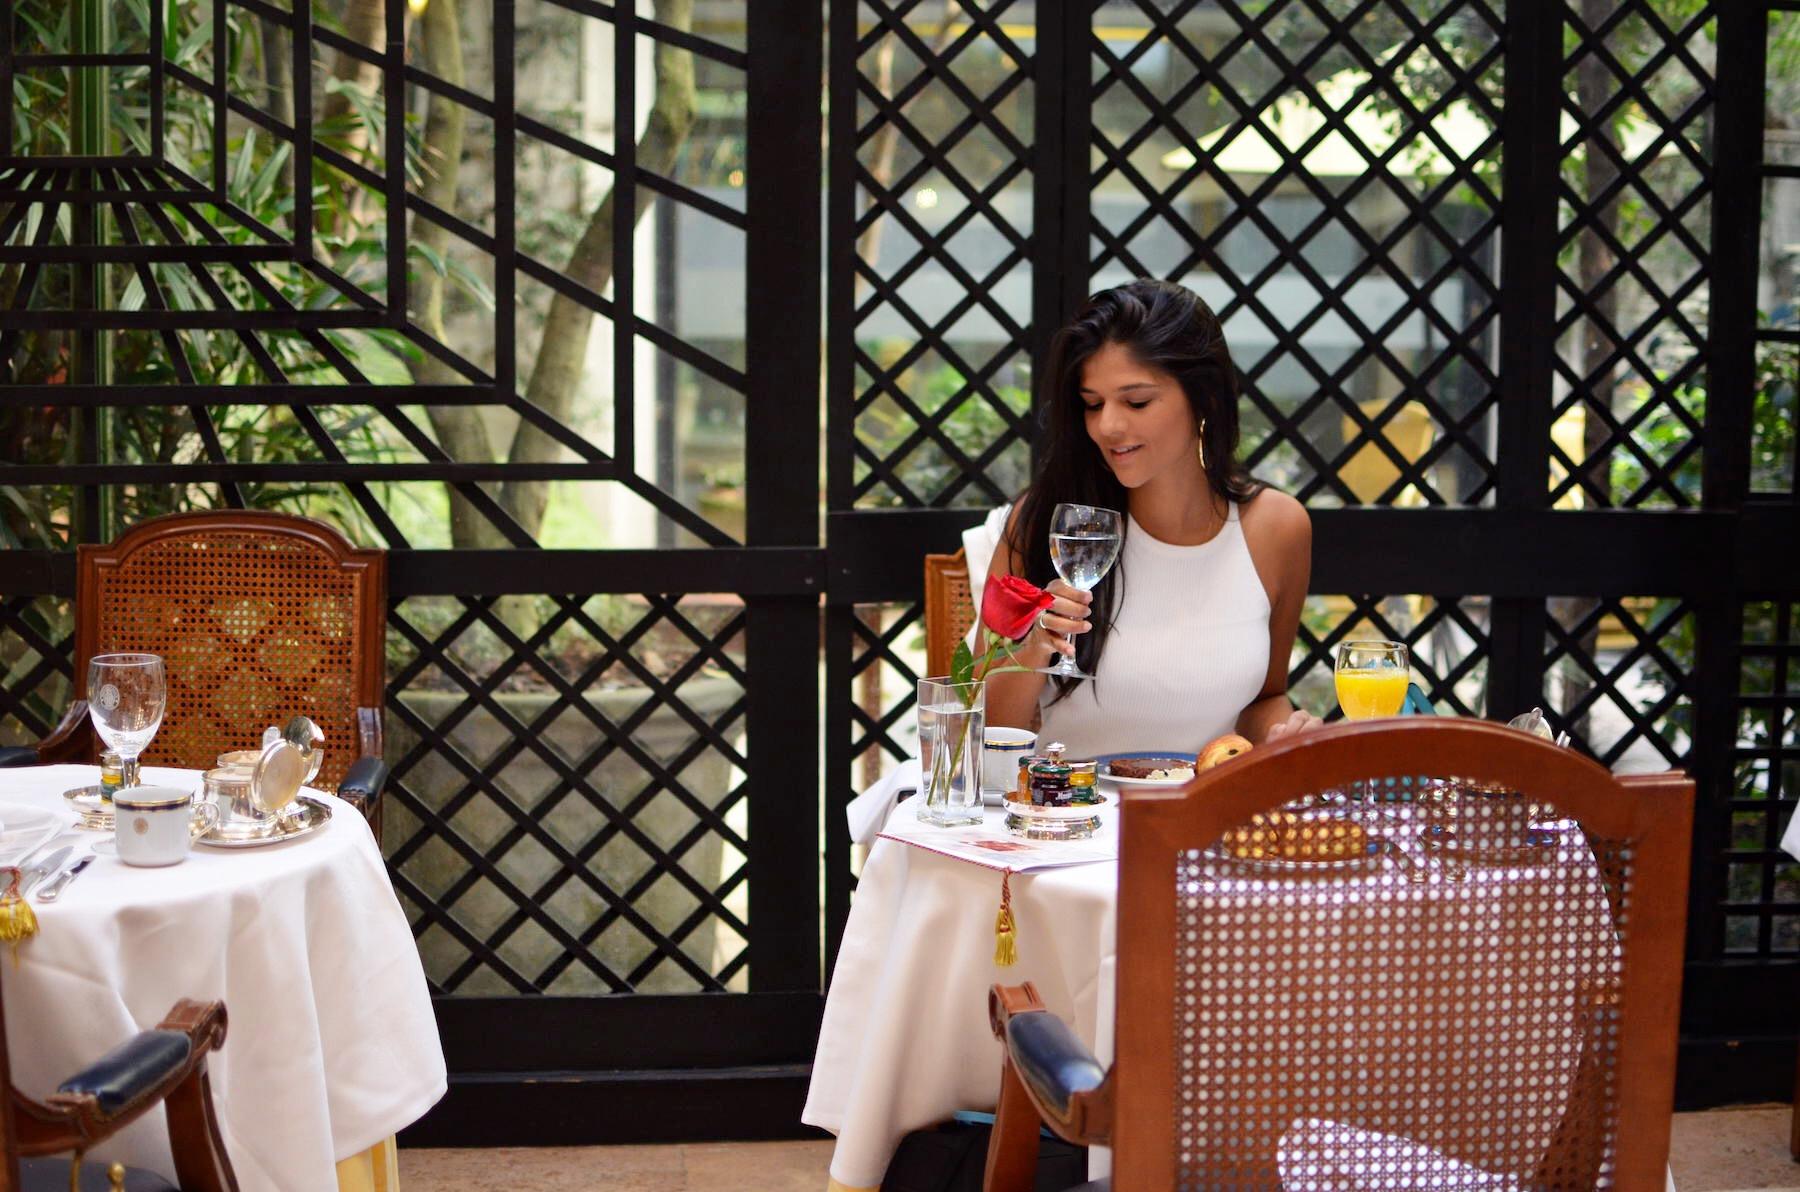 hotel-alvear-buenos-aires-blog-beta-pinheiro-cafe-patio